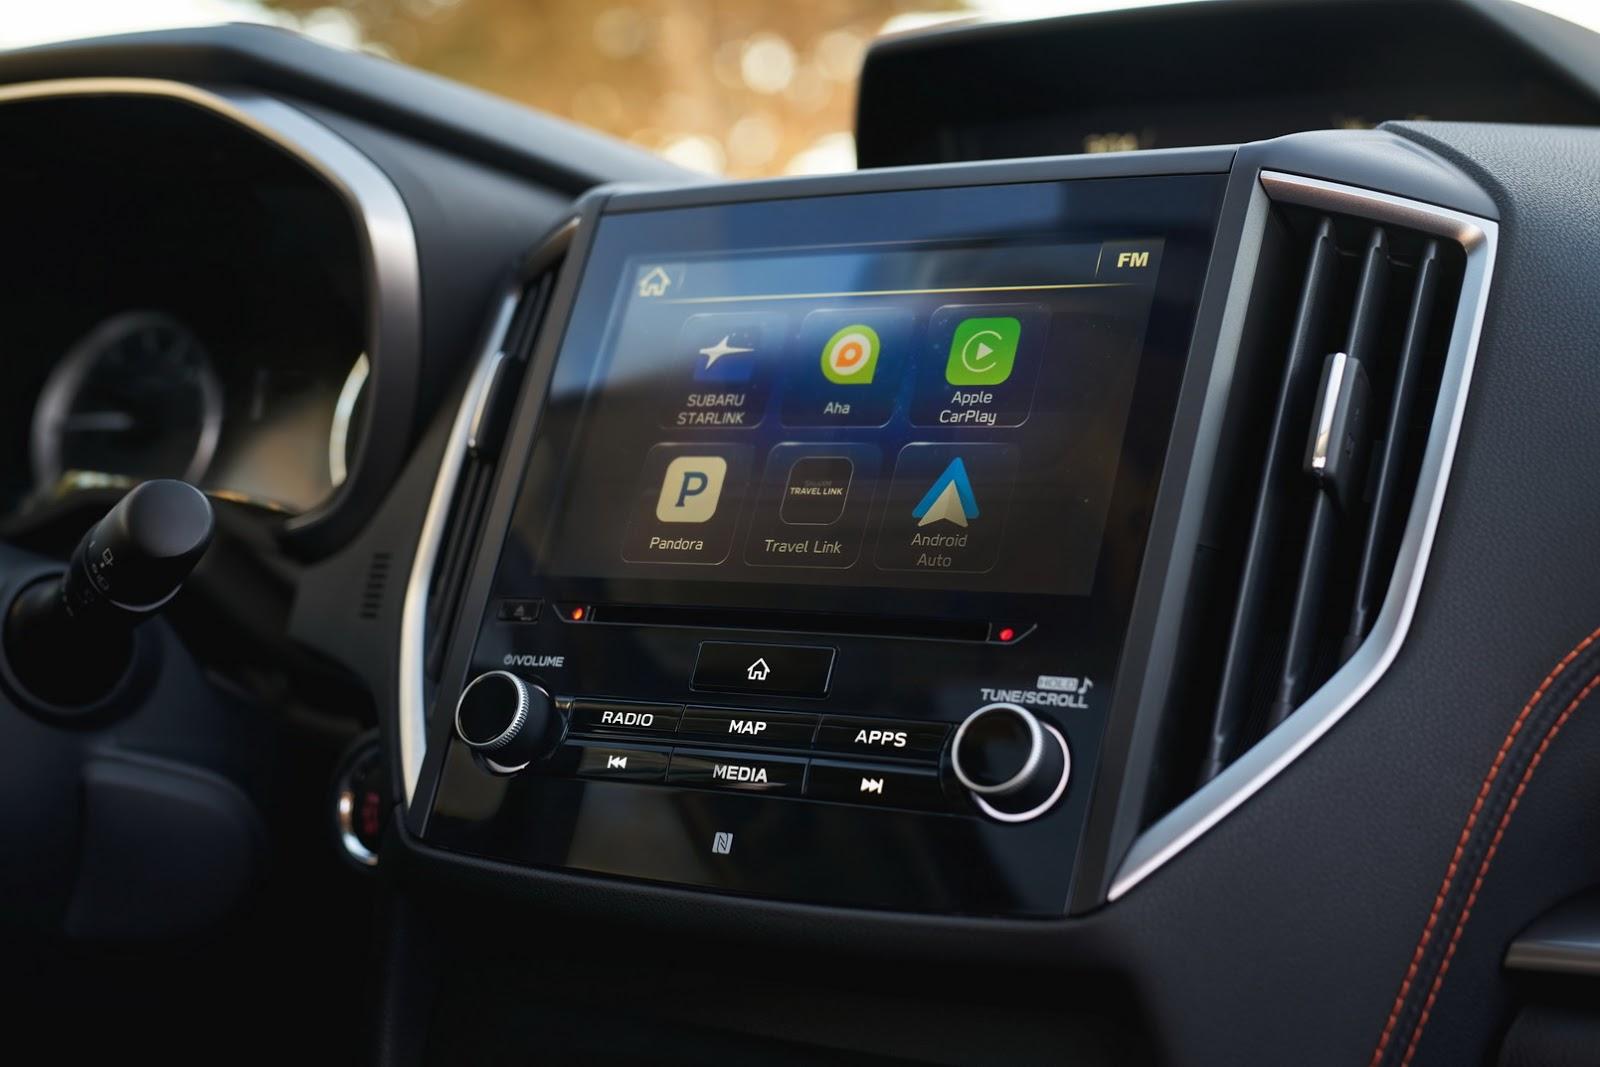 Премьера нового Subaru Outback состоится в Нью-Йорке новые фото